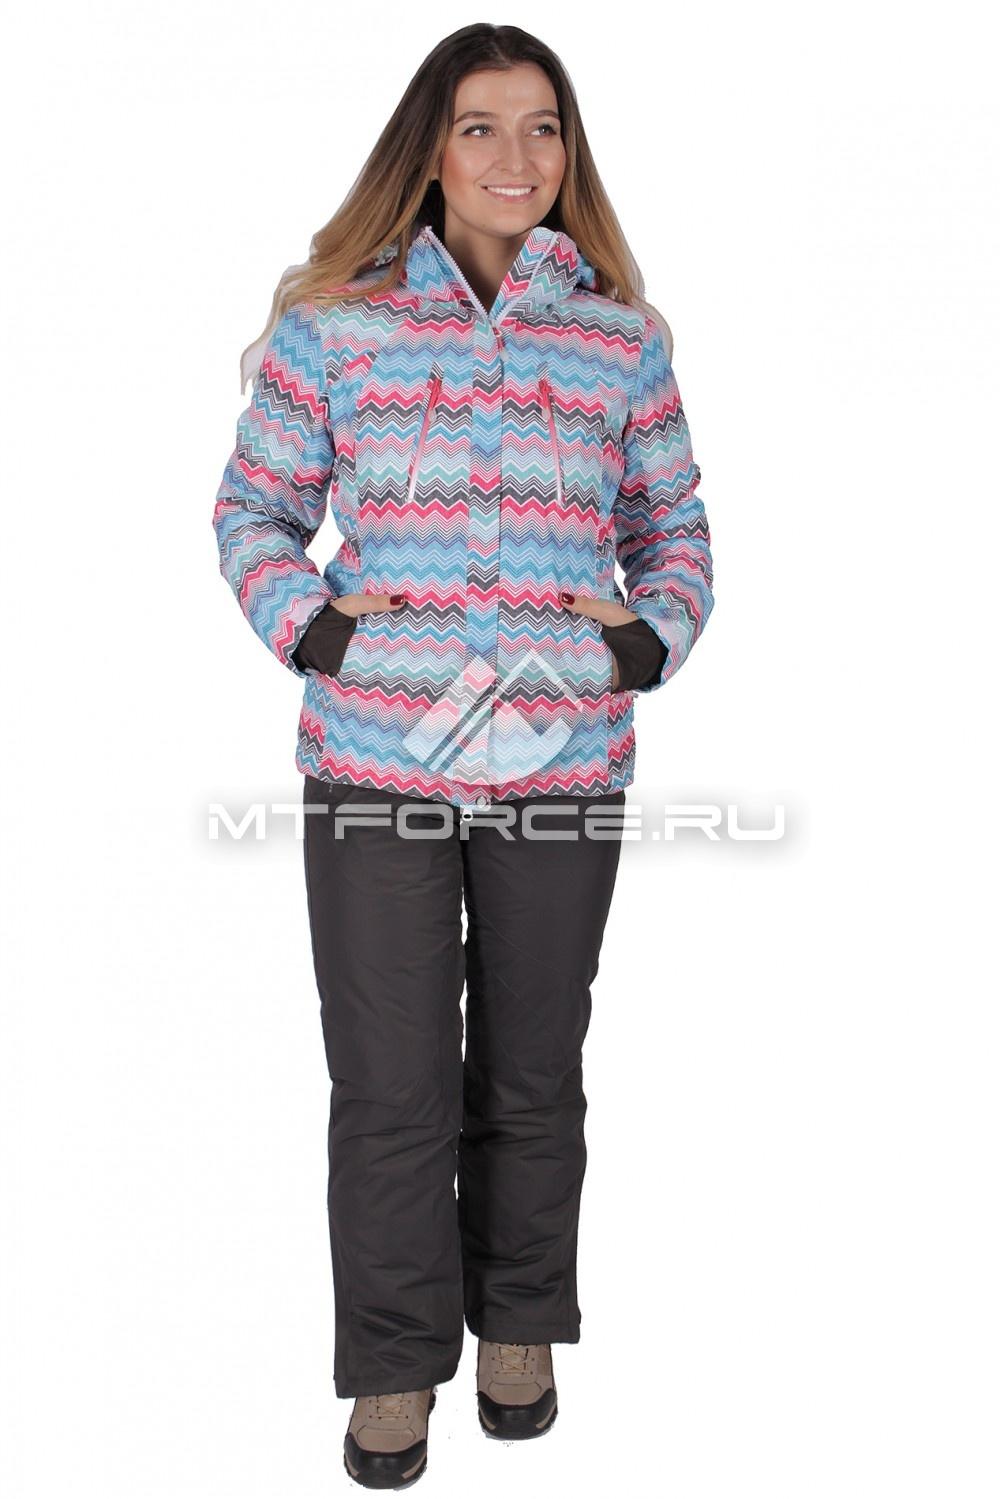 Купить                                  оптом Костюм горнолыжный женский розового цвета 01701R